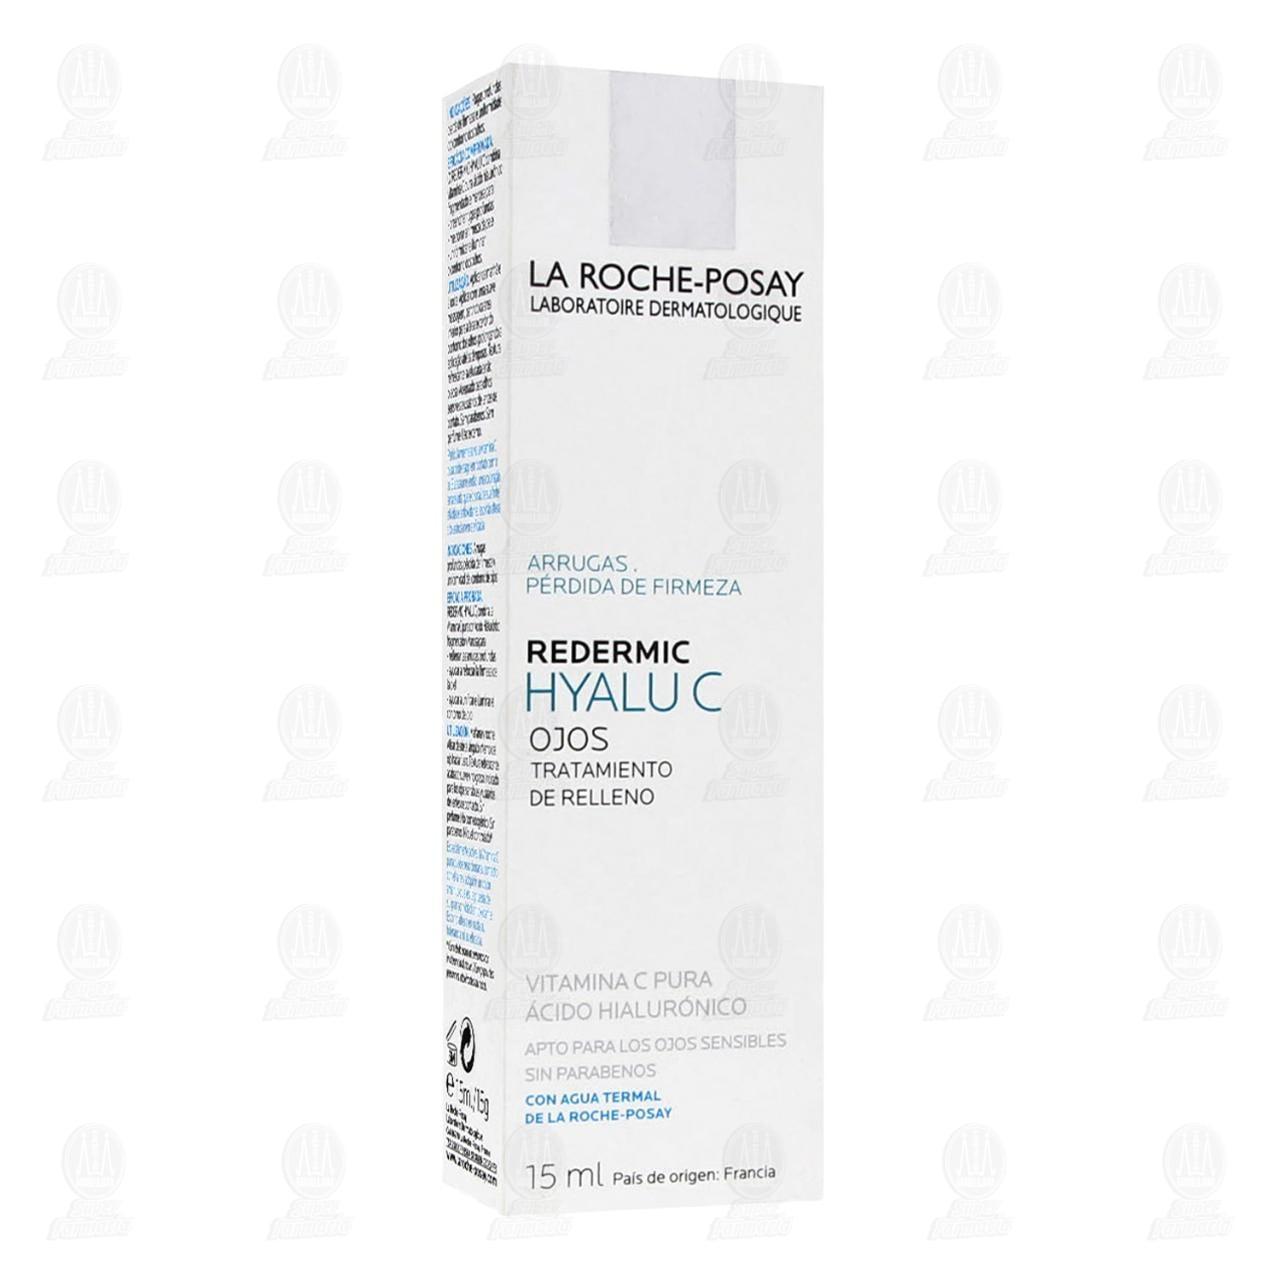 Comprar La Roche Posay Redermic Hyalu C Crema Anti Arrugas para el Contorno de Ojos, 15 ml. en Farmacias Guadalajara